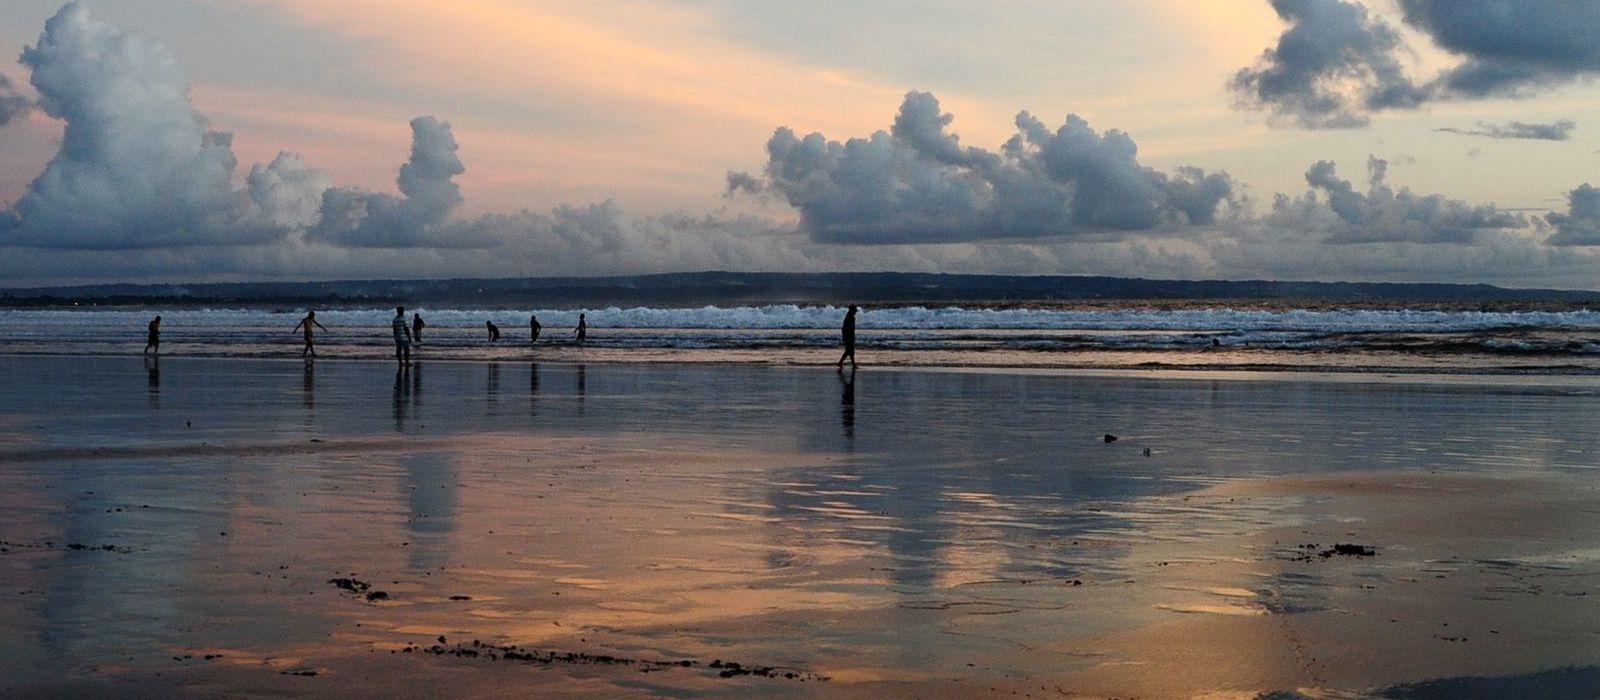 The Wondrous World of Bali Tour Trip 5